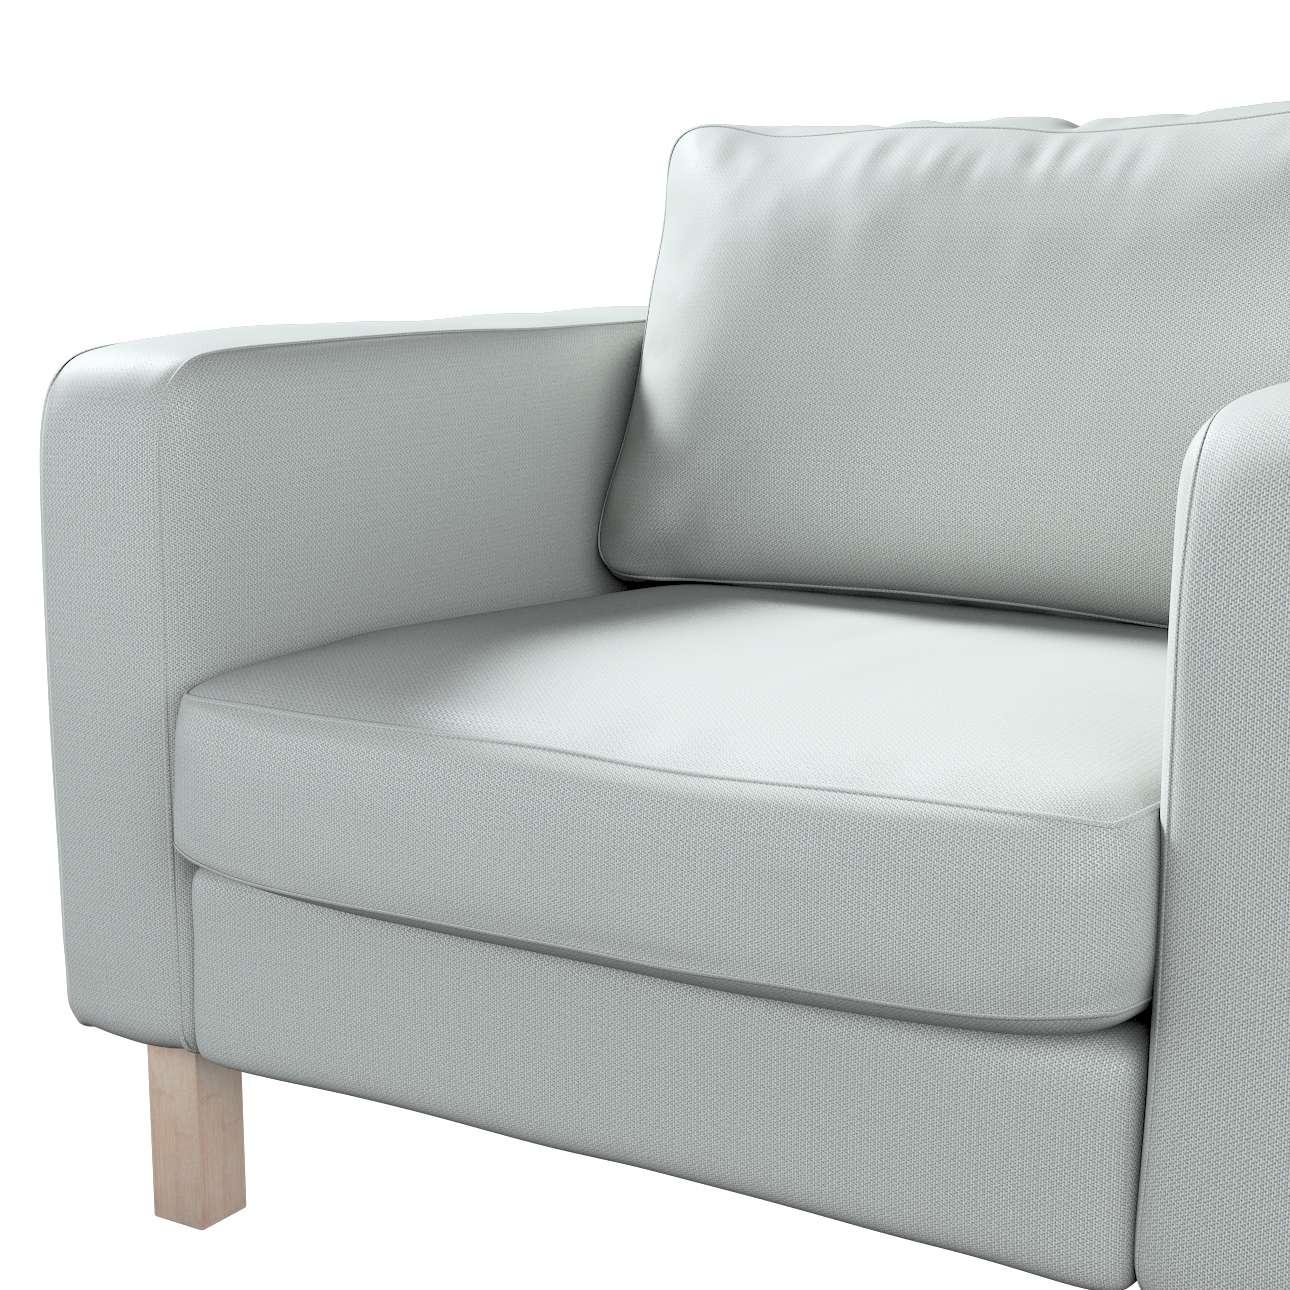 Karlstad päällinen nojatuoli mallistosta Bergen, Kangas: 161-72